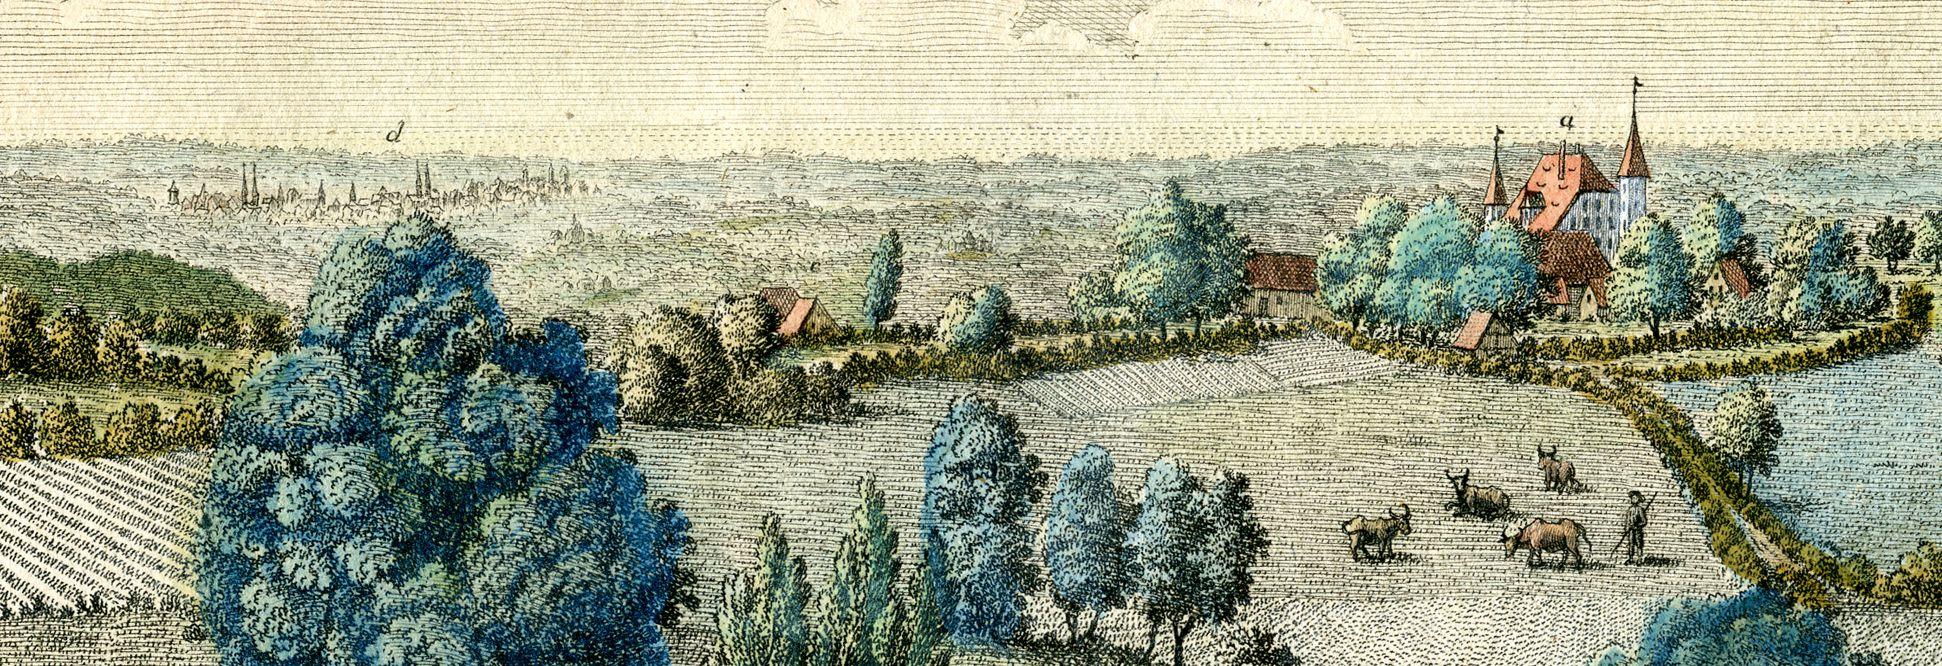 Prospect von Haymendorf d: Nürnberg   c:ein Theil der unteren Höfe   a: das Schloß